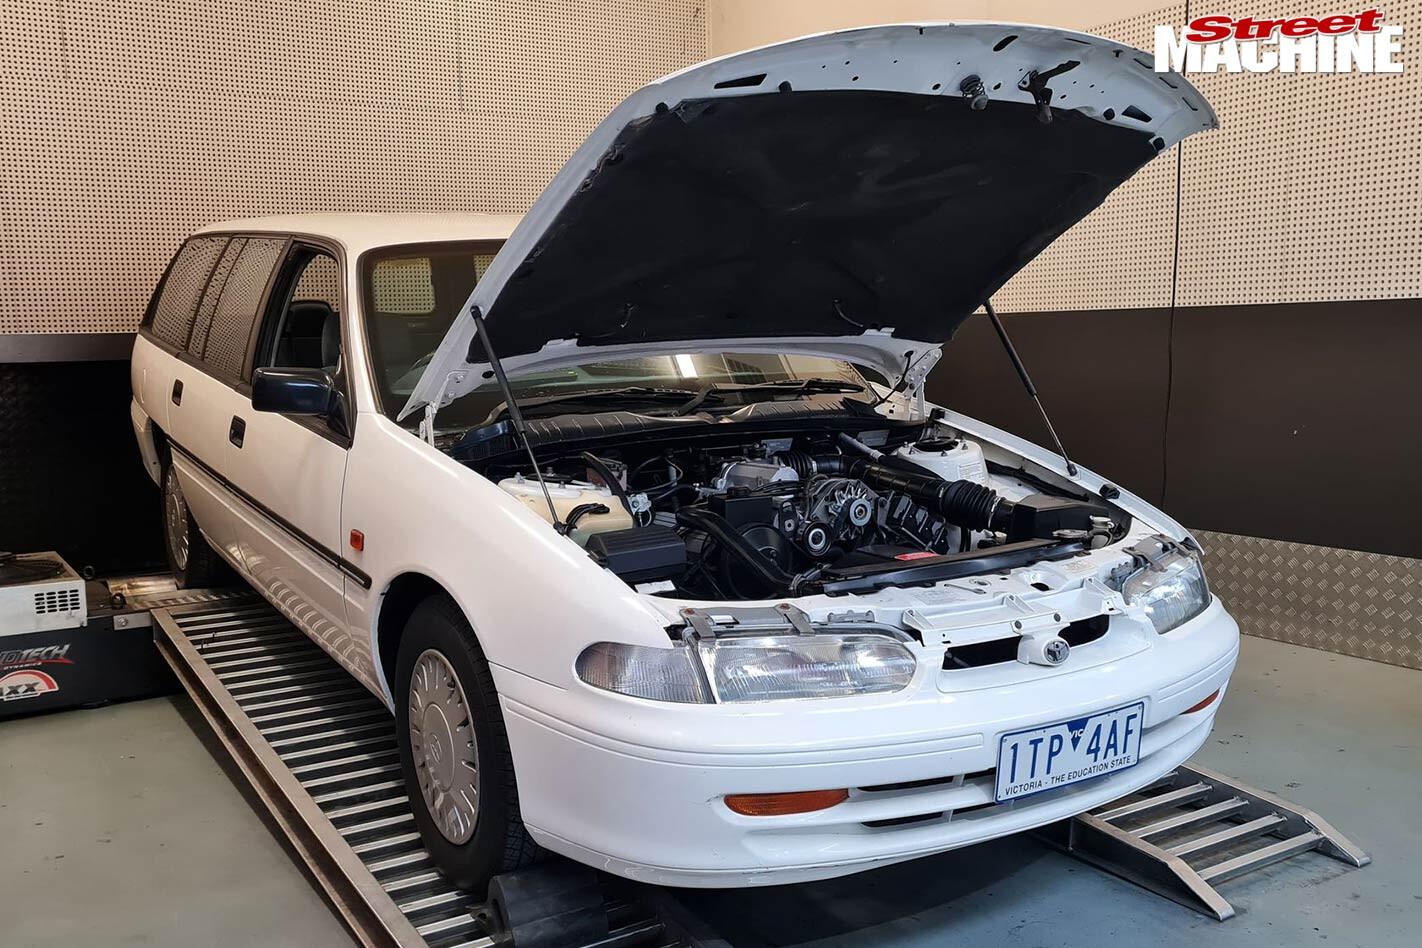 Carnage Toyota Lexcen 1 1 Jpg